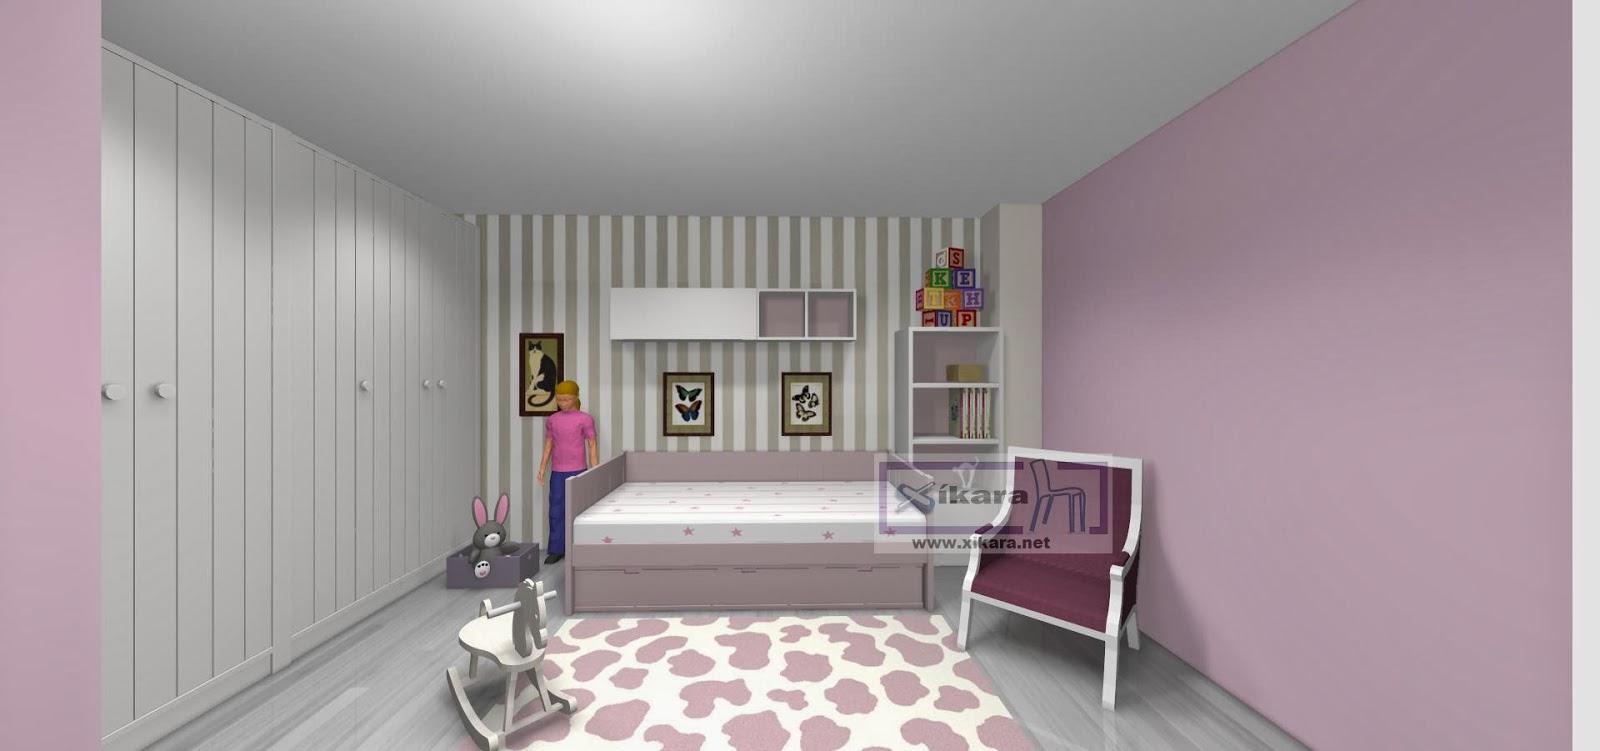 Muebles Para Cuartos Ninas Obtenga ideas Diseo de muebles para su